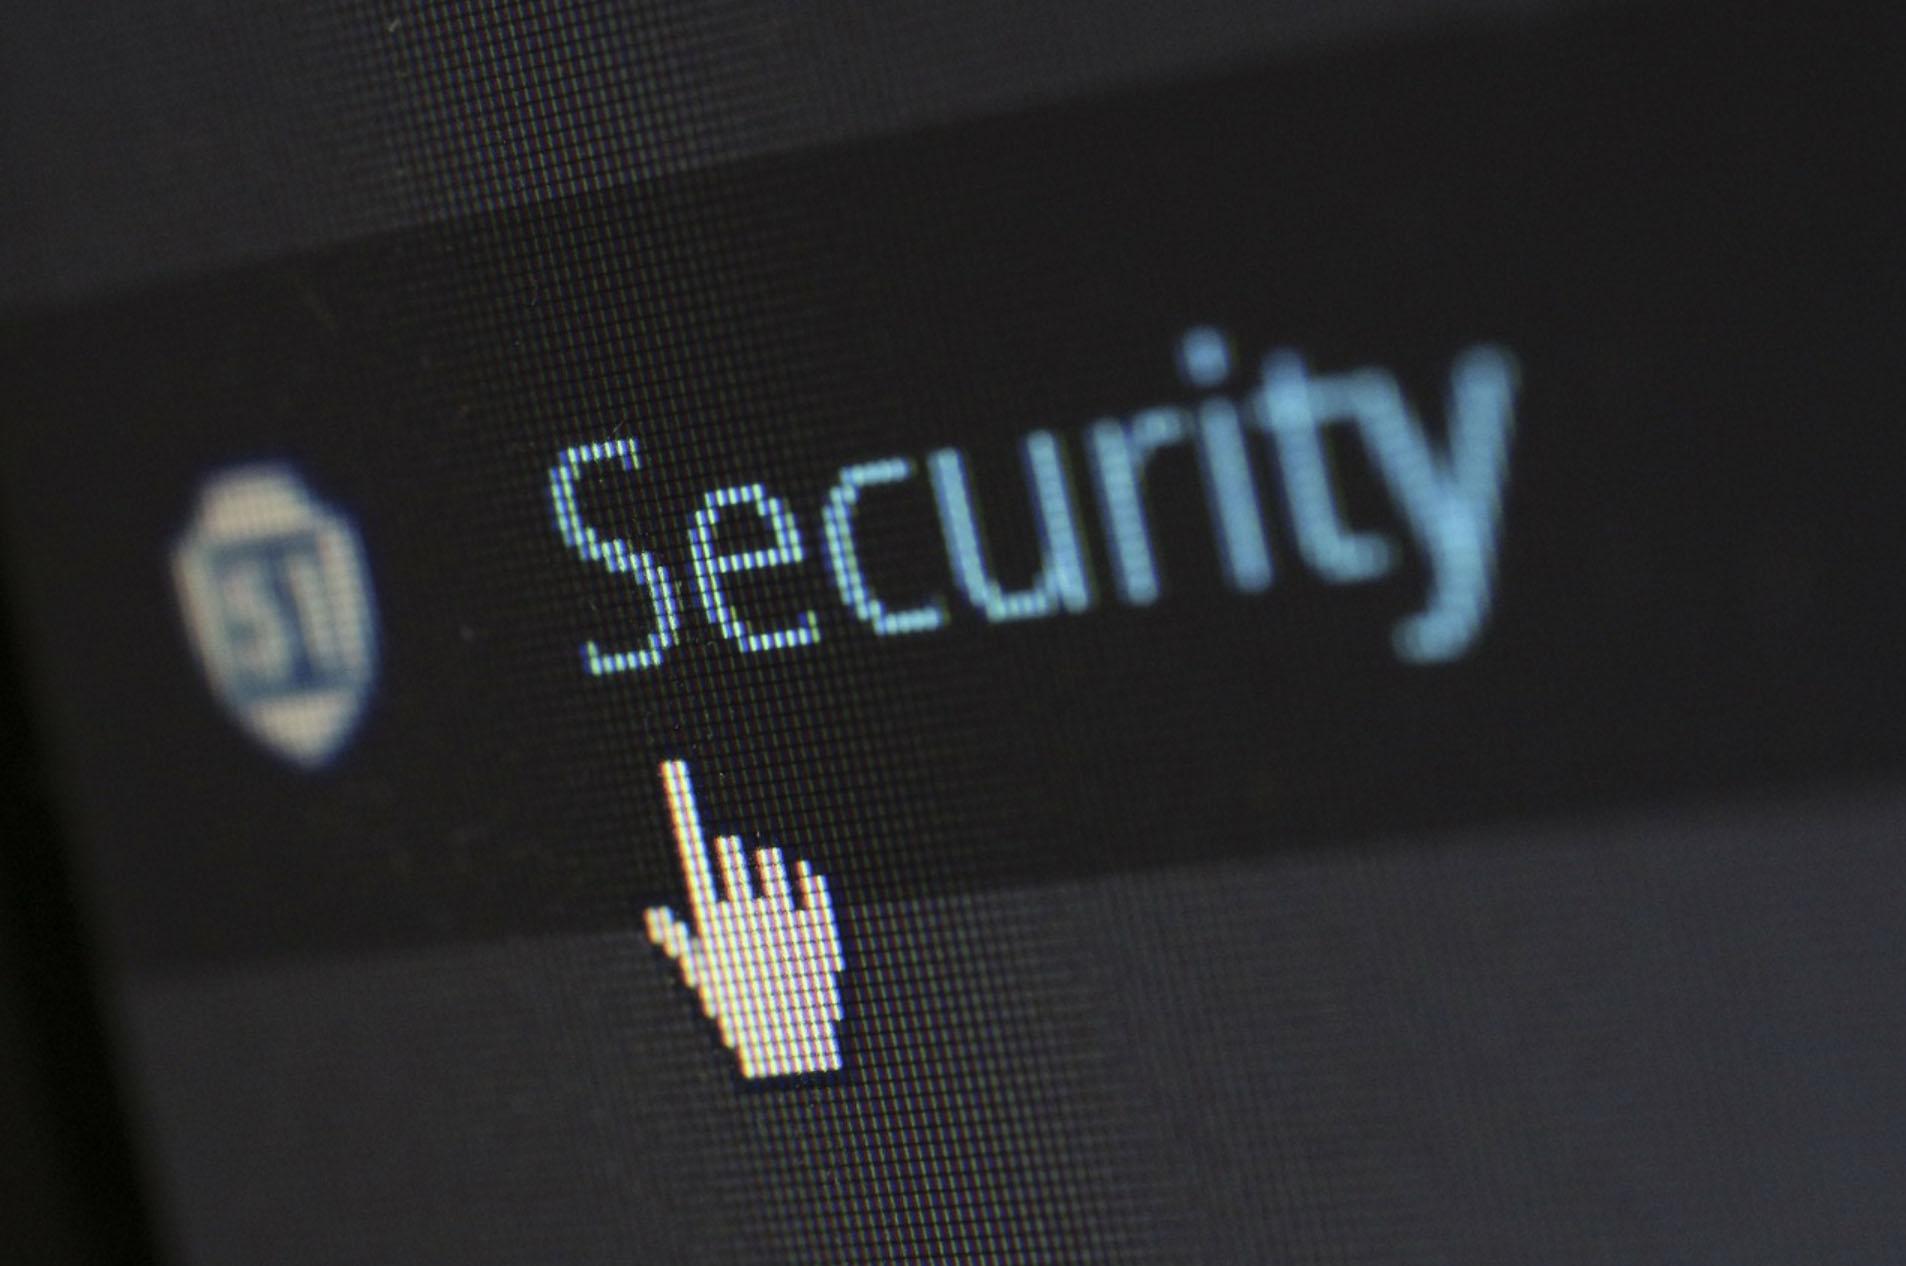 Informasjon om sikkerhet og BankID